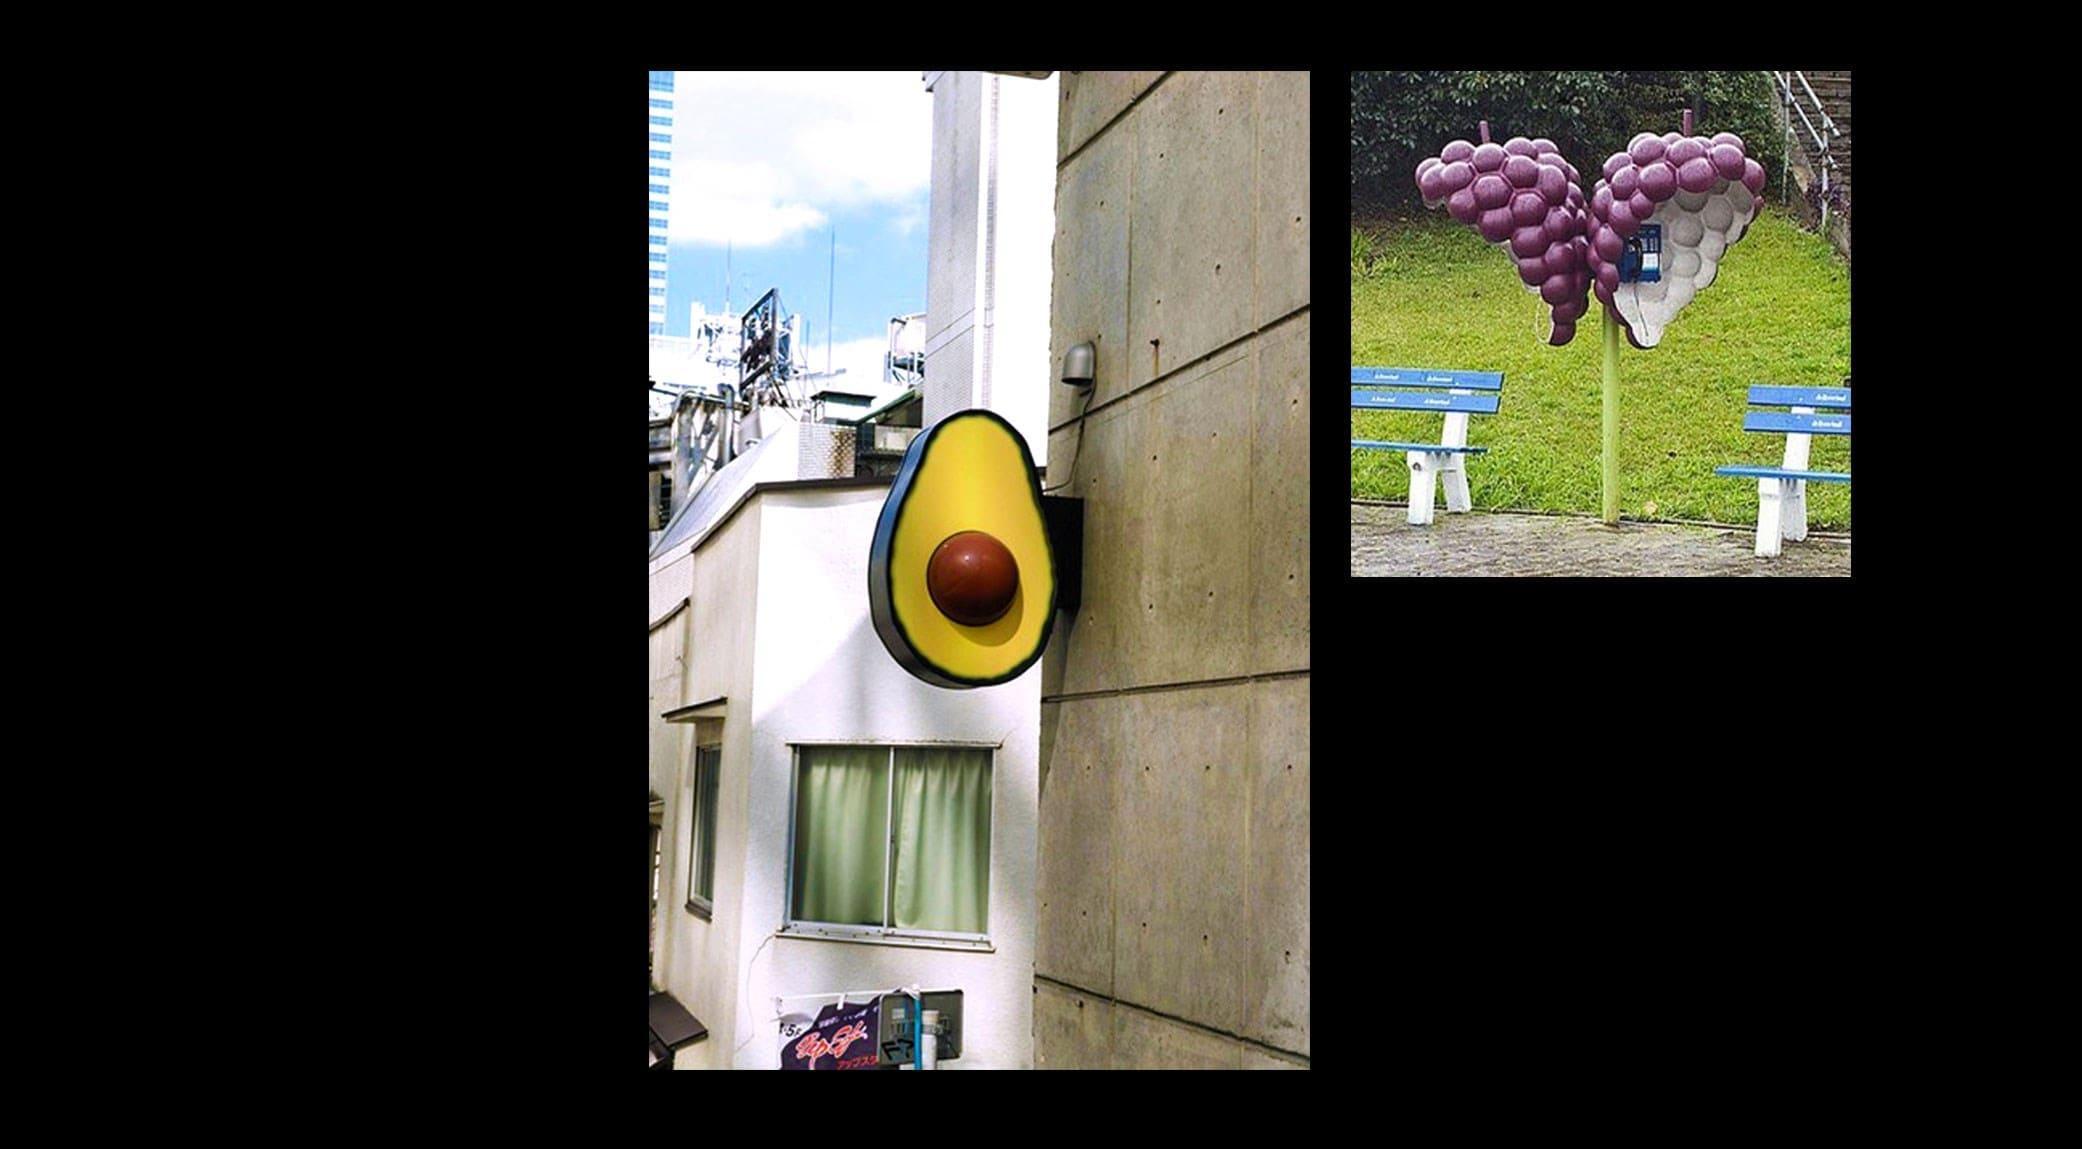 original_006-avocado-GRAPE-finedininglovers.jpg